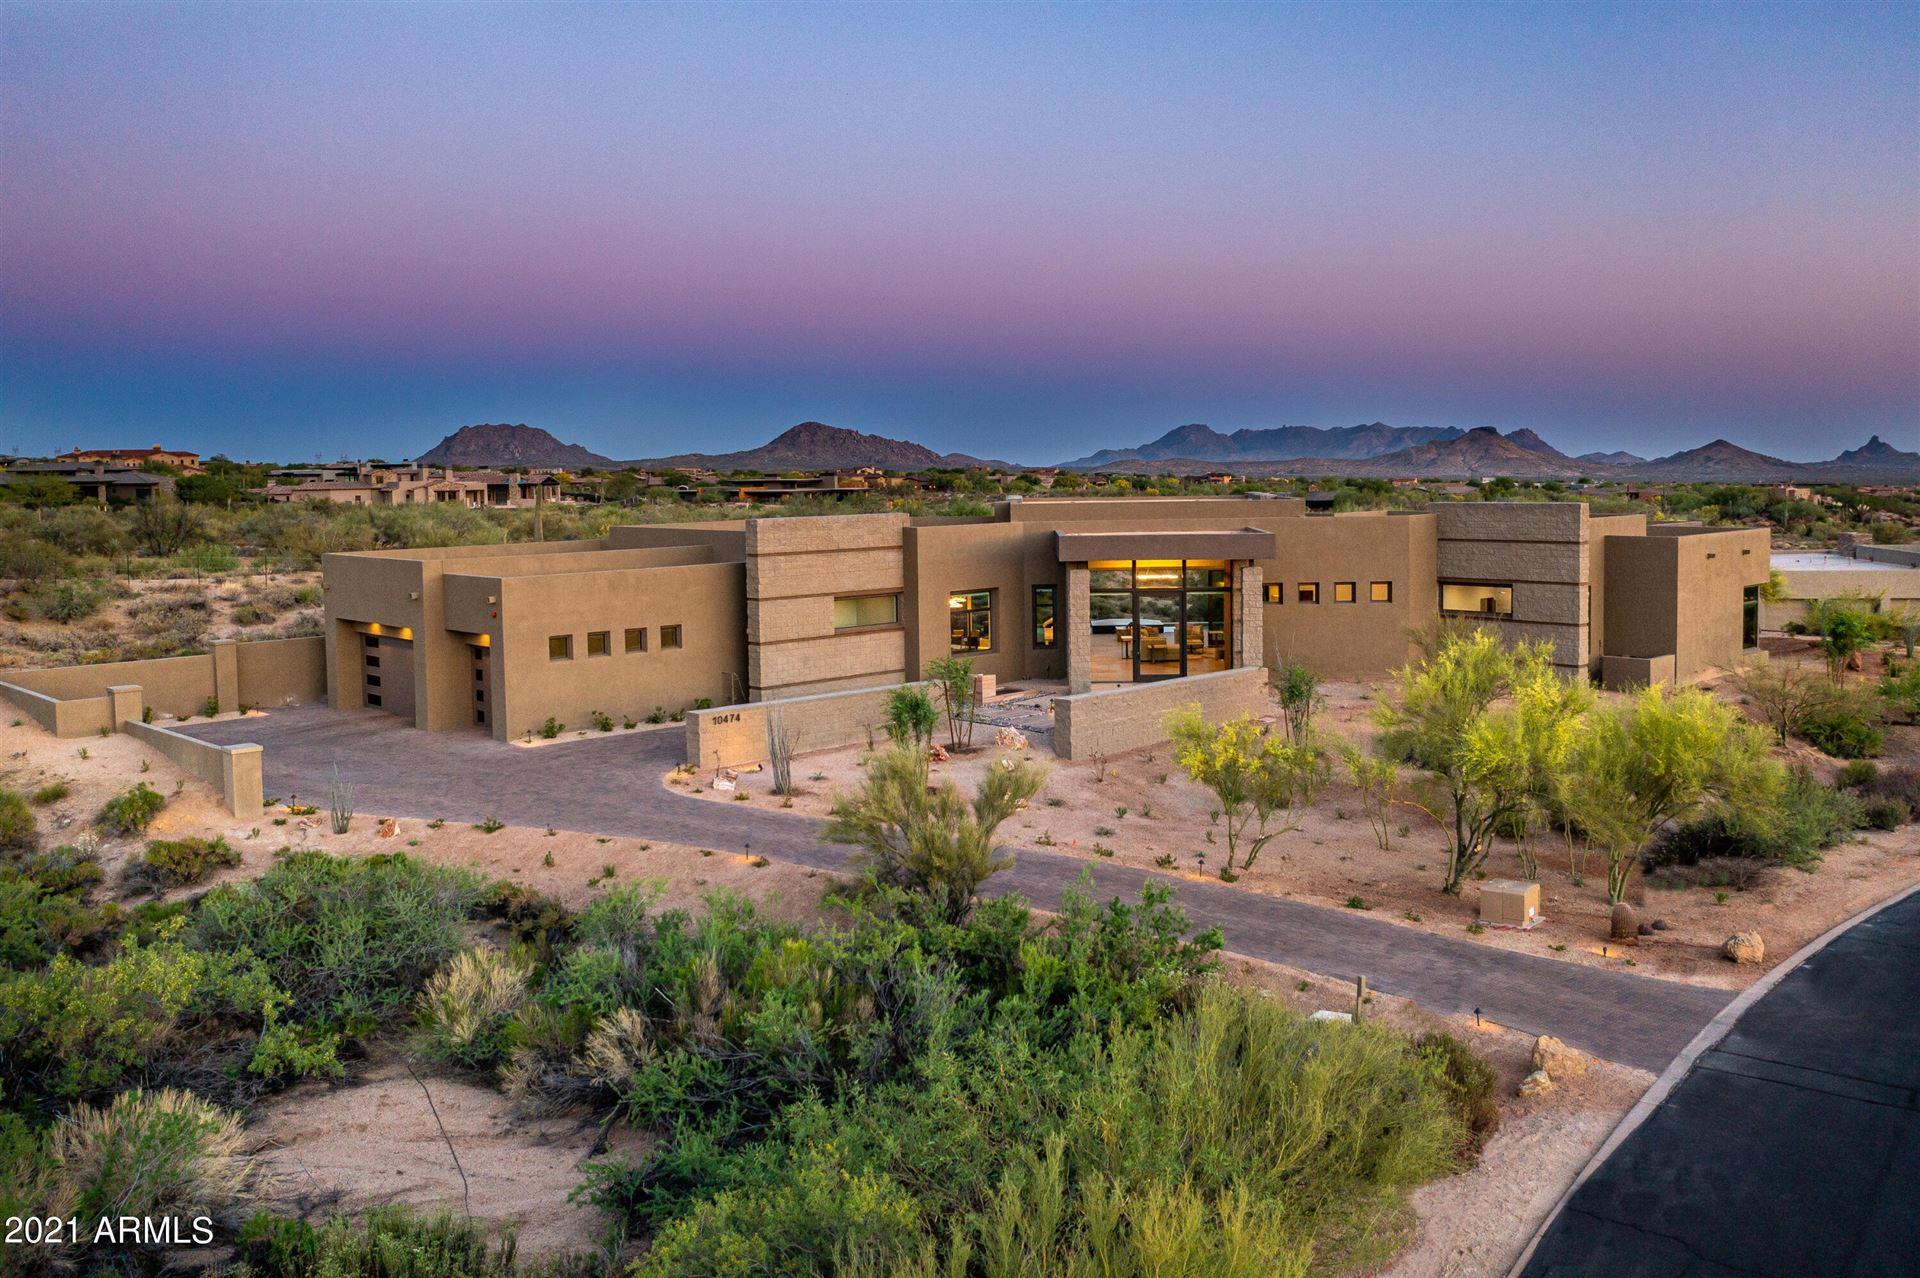 Photo of 10474 E Scopa Trail, Scottsdale, AZ 85262 (MLS # 6201016)